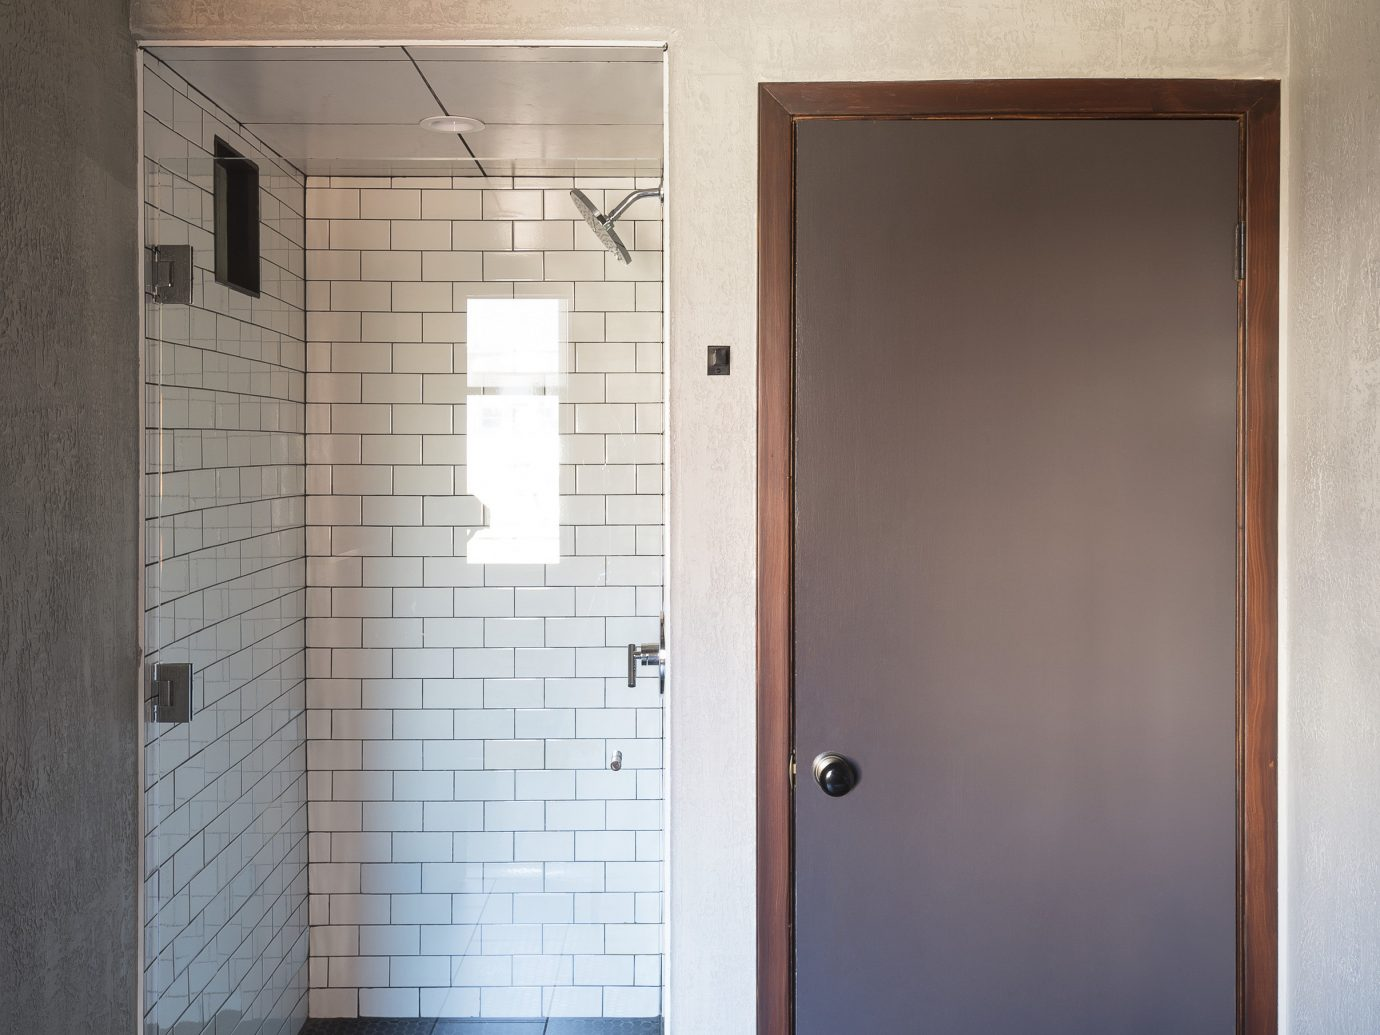 Boutique Hotels Hotels Philadelphia wall indoor bathroom room house Architecture floor home interior design plumbing fixture door Design apartment tiled